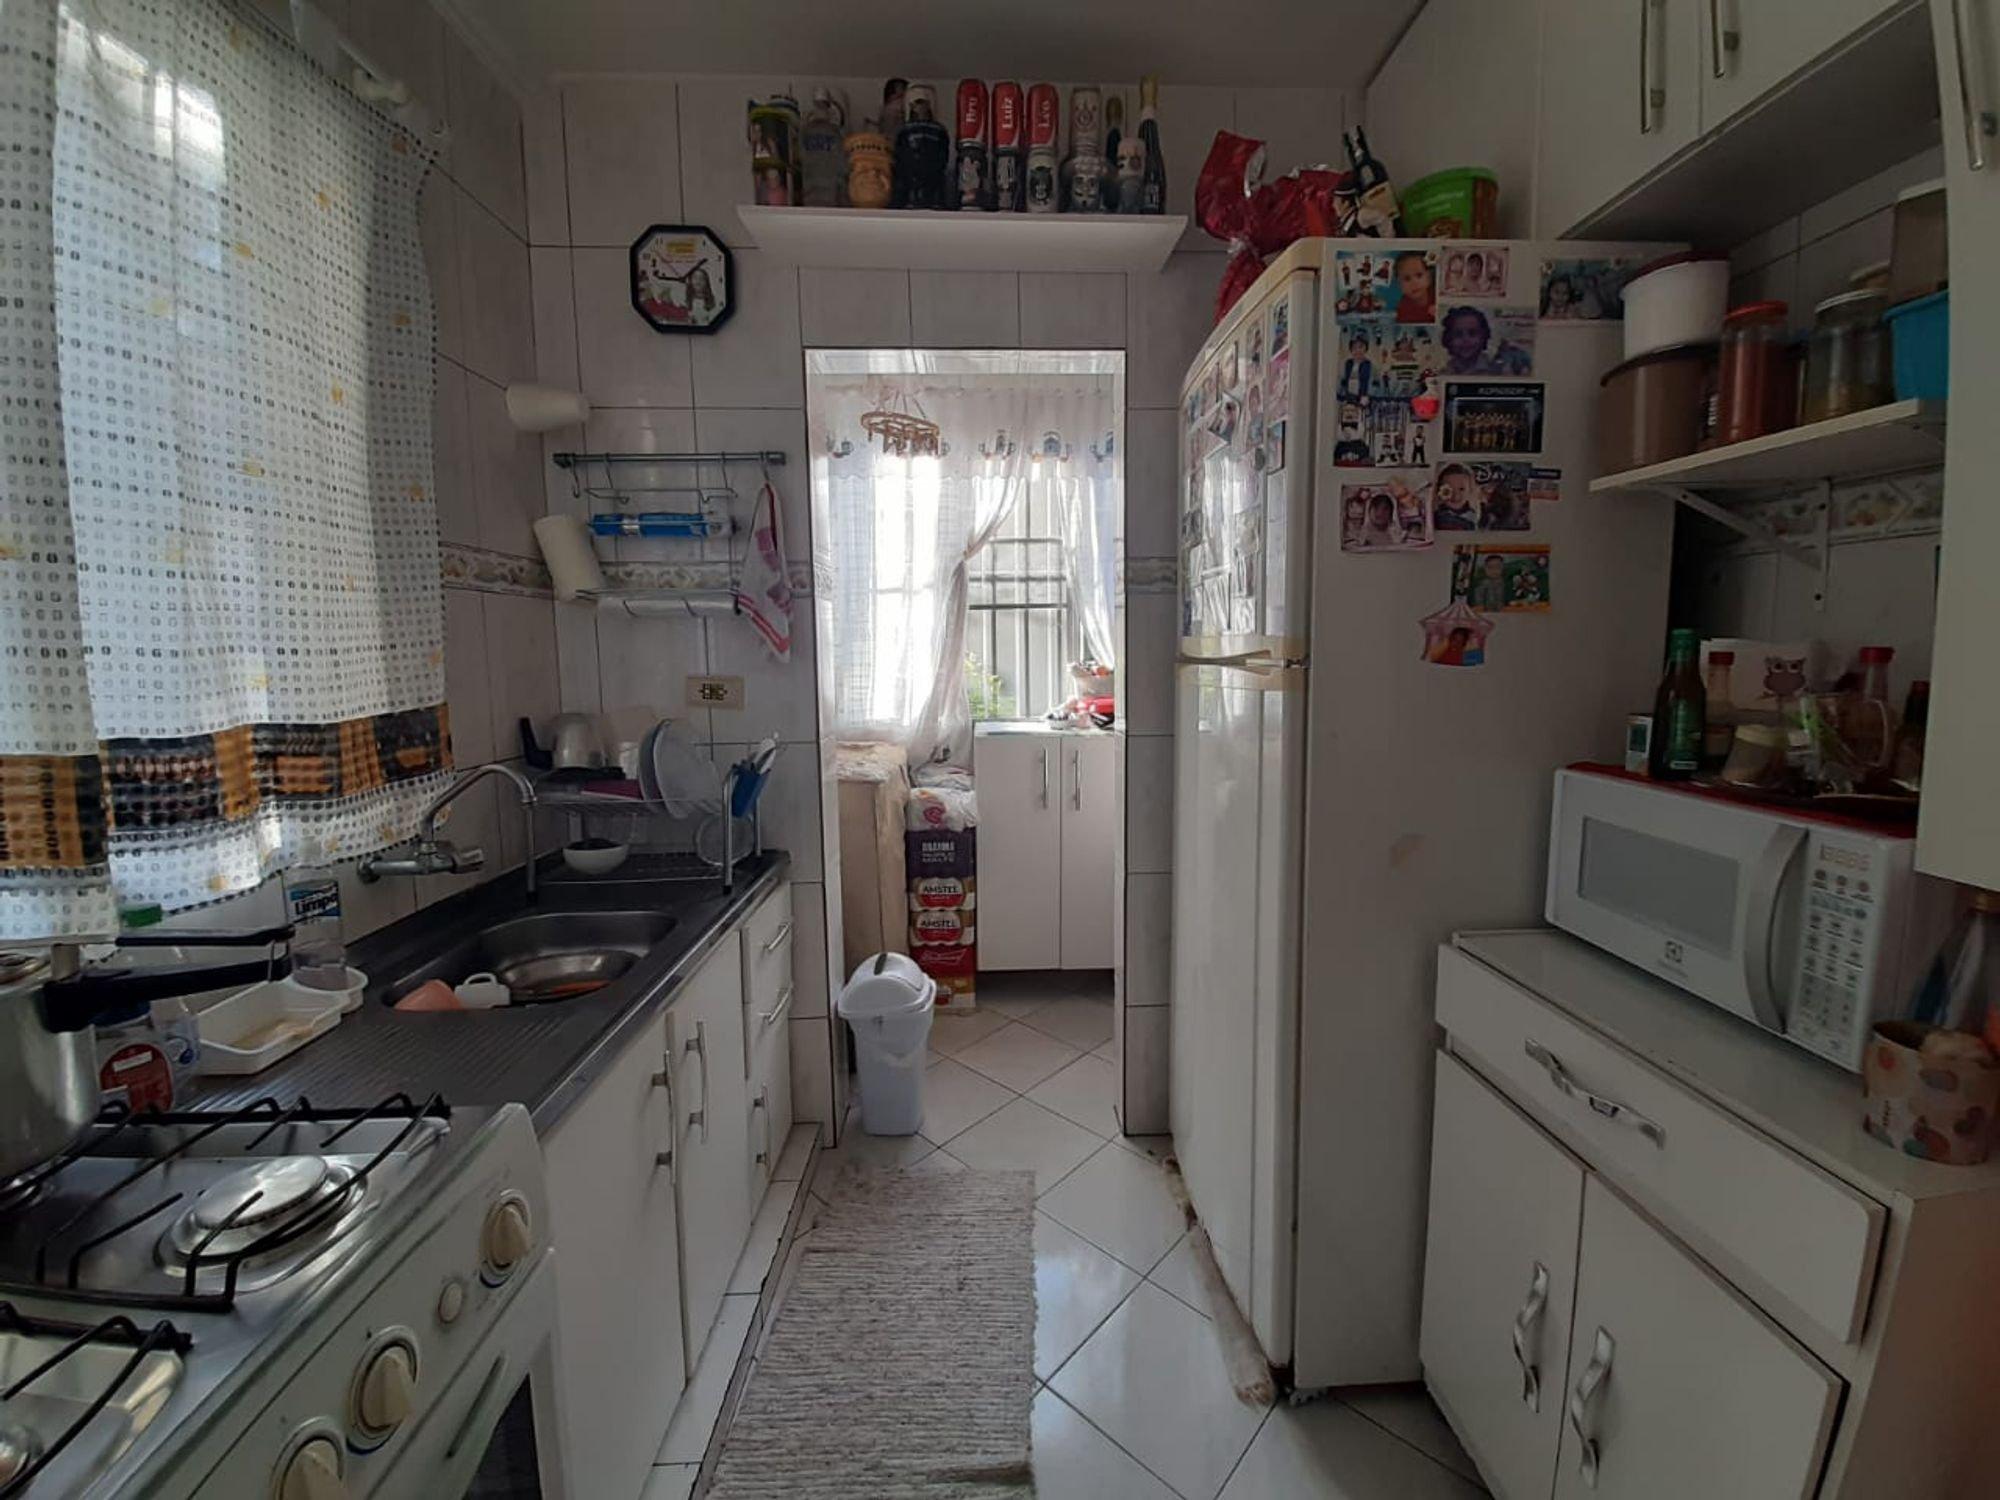 Foto de Cozinha com garrafa, relógio, forno, tigela, geladeira, microondas